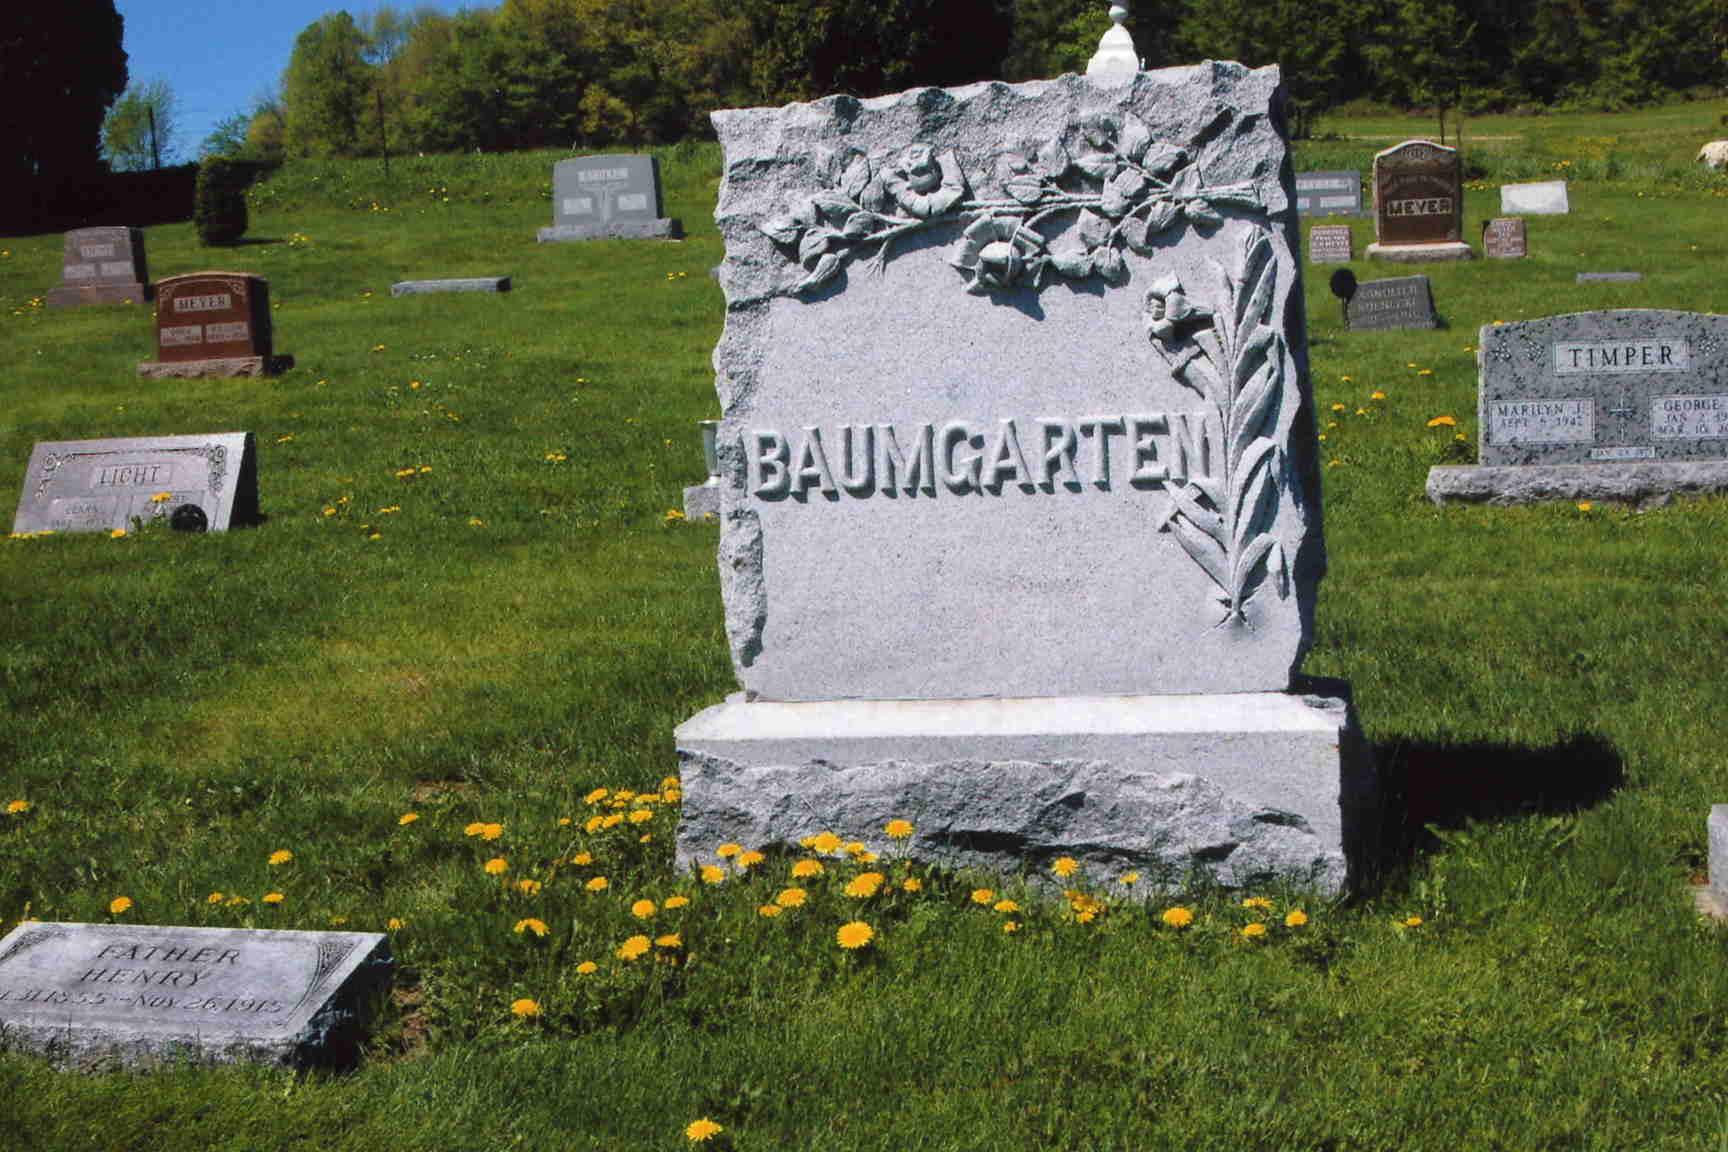 Johann Heinrich Baumgarten